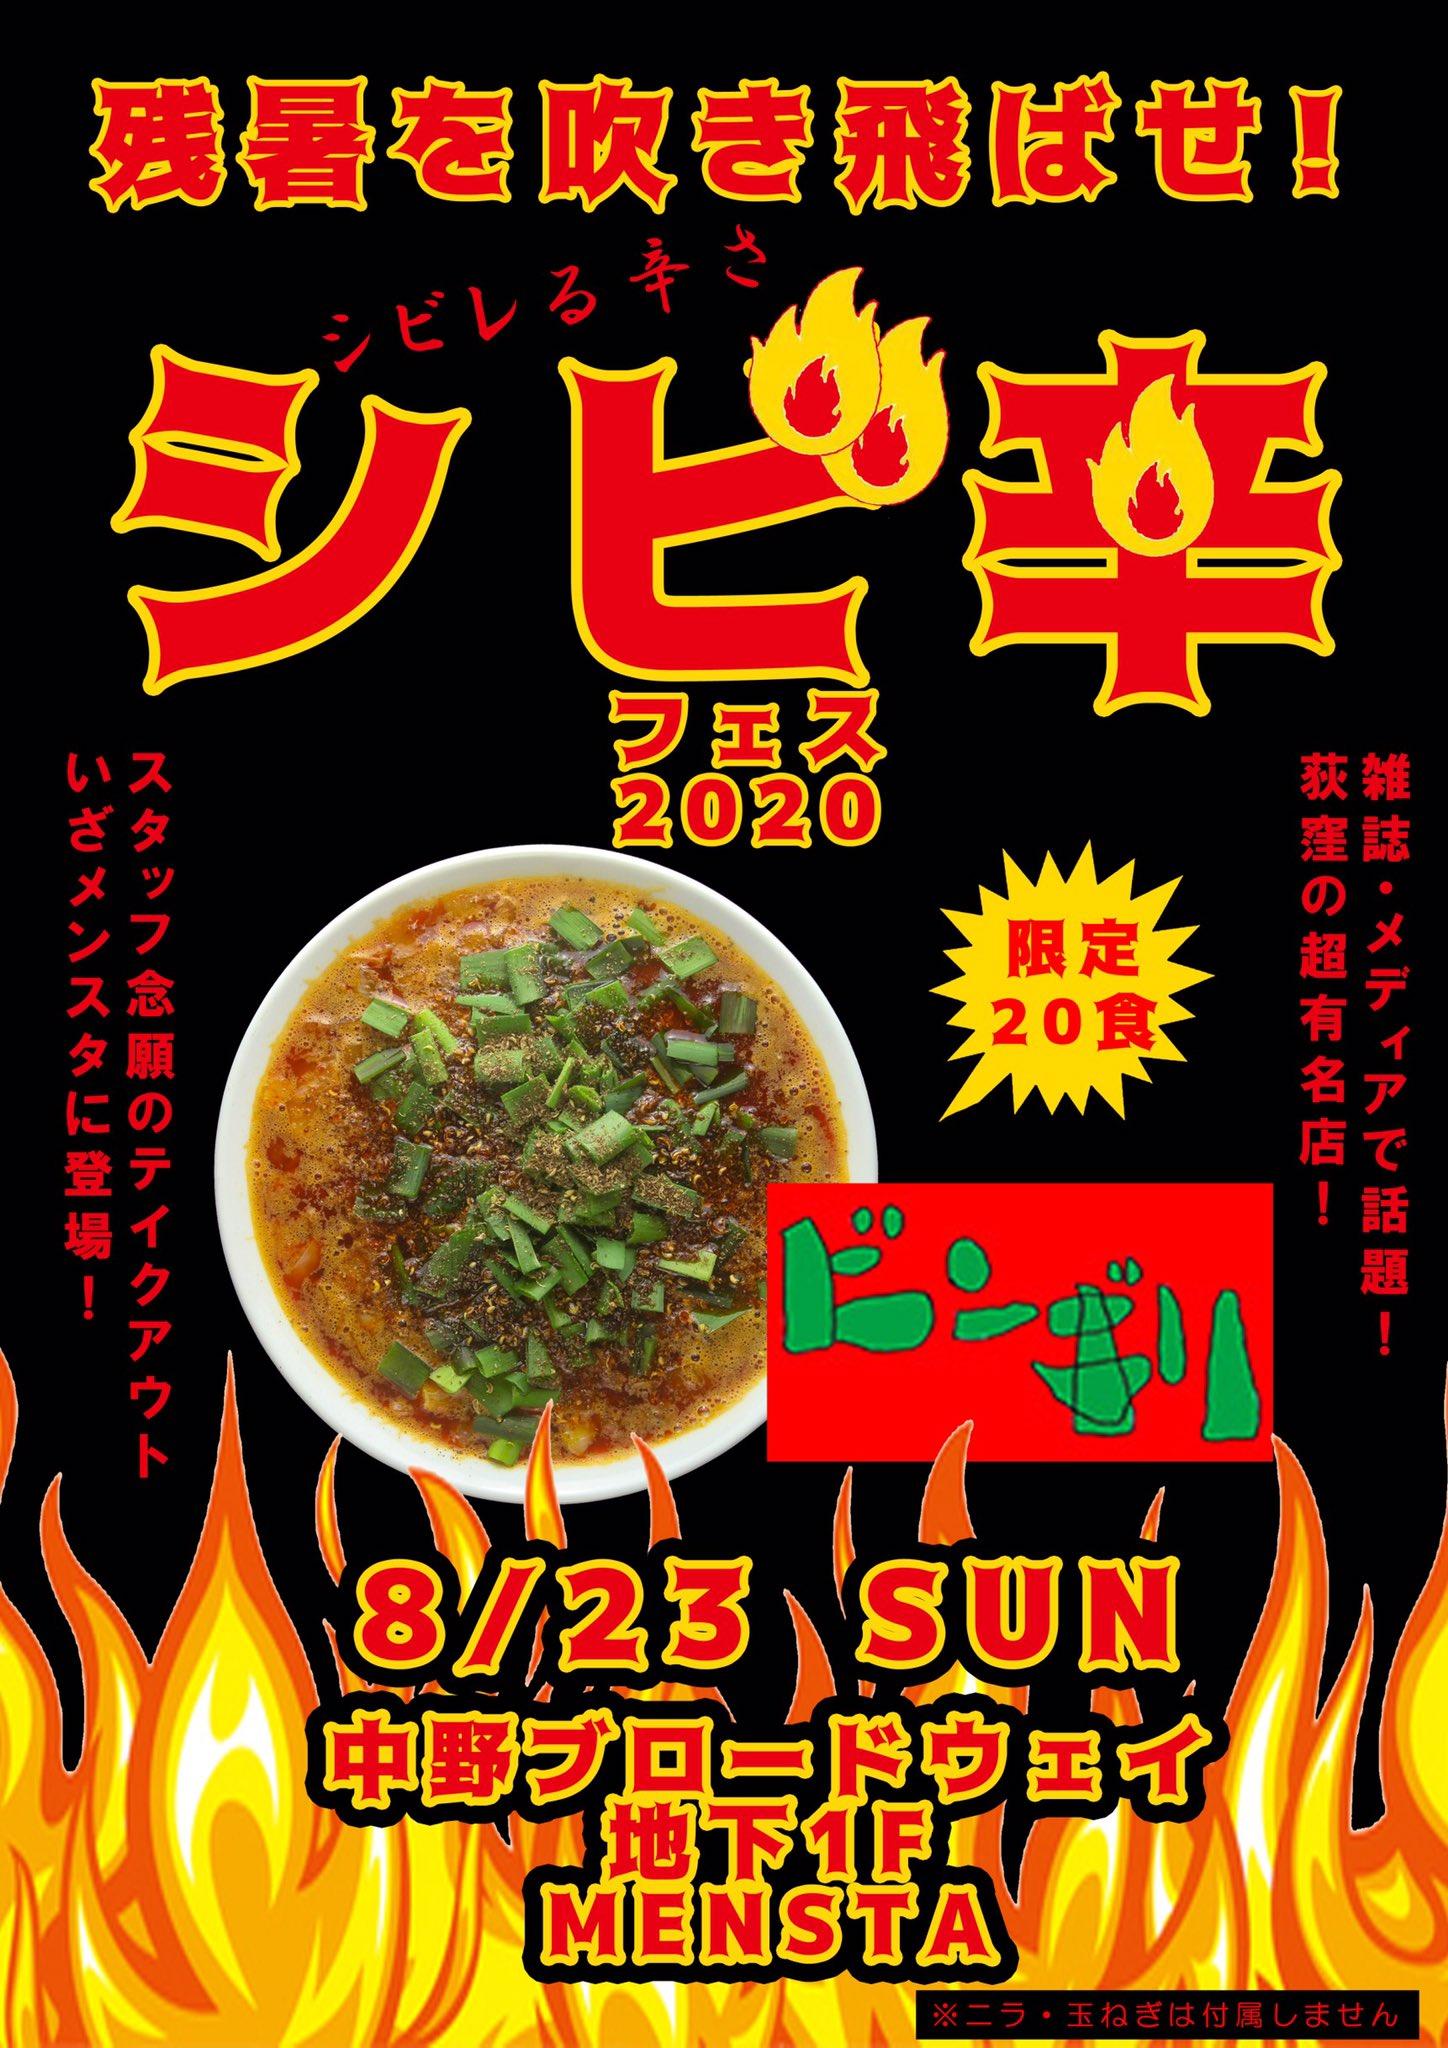 8月23日(日)11ー18時半はMENSTAで出張麺市場開催!